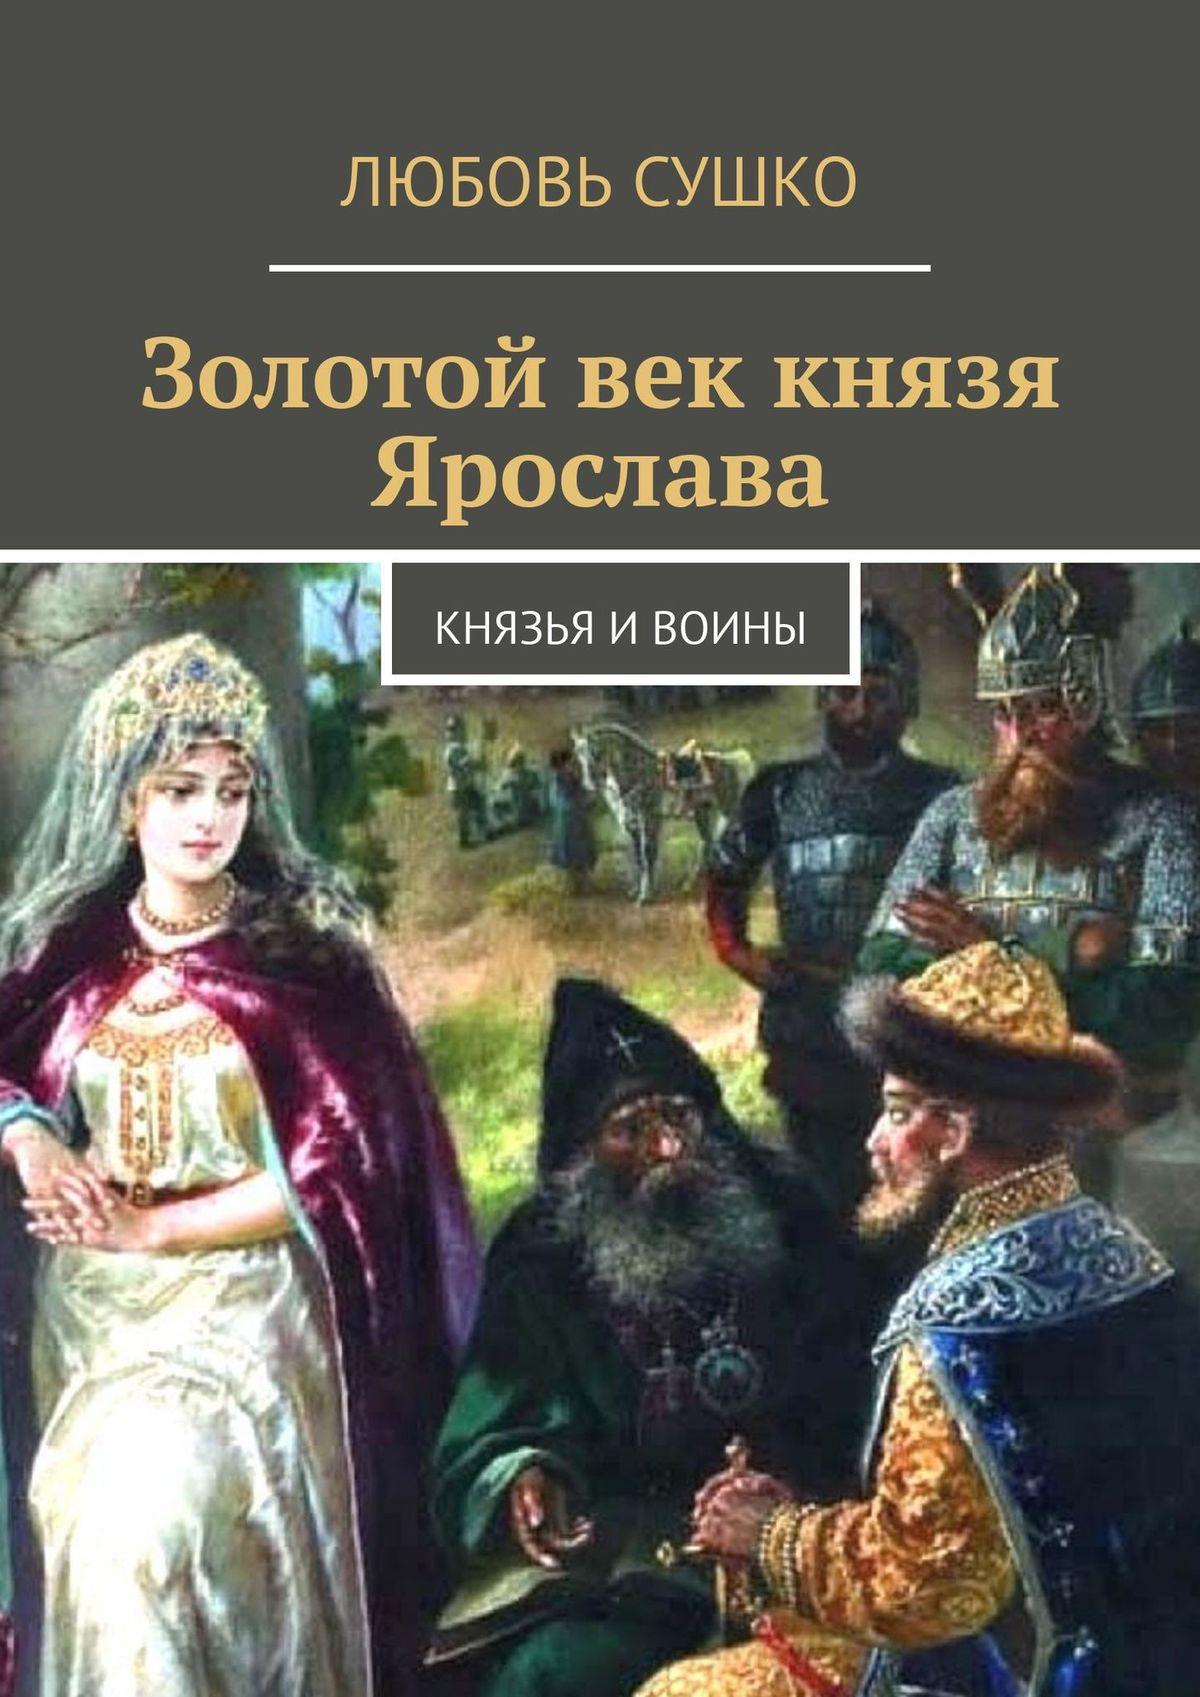 Любовь Сушко Золотой век князя Ярослава. Князья ивоины